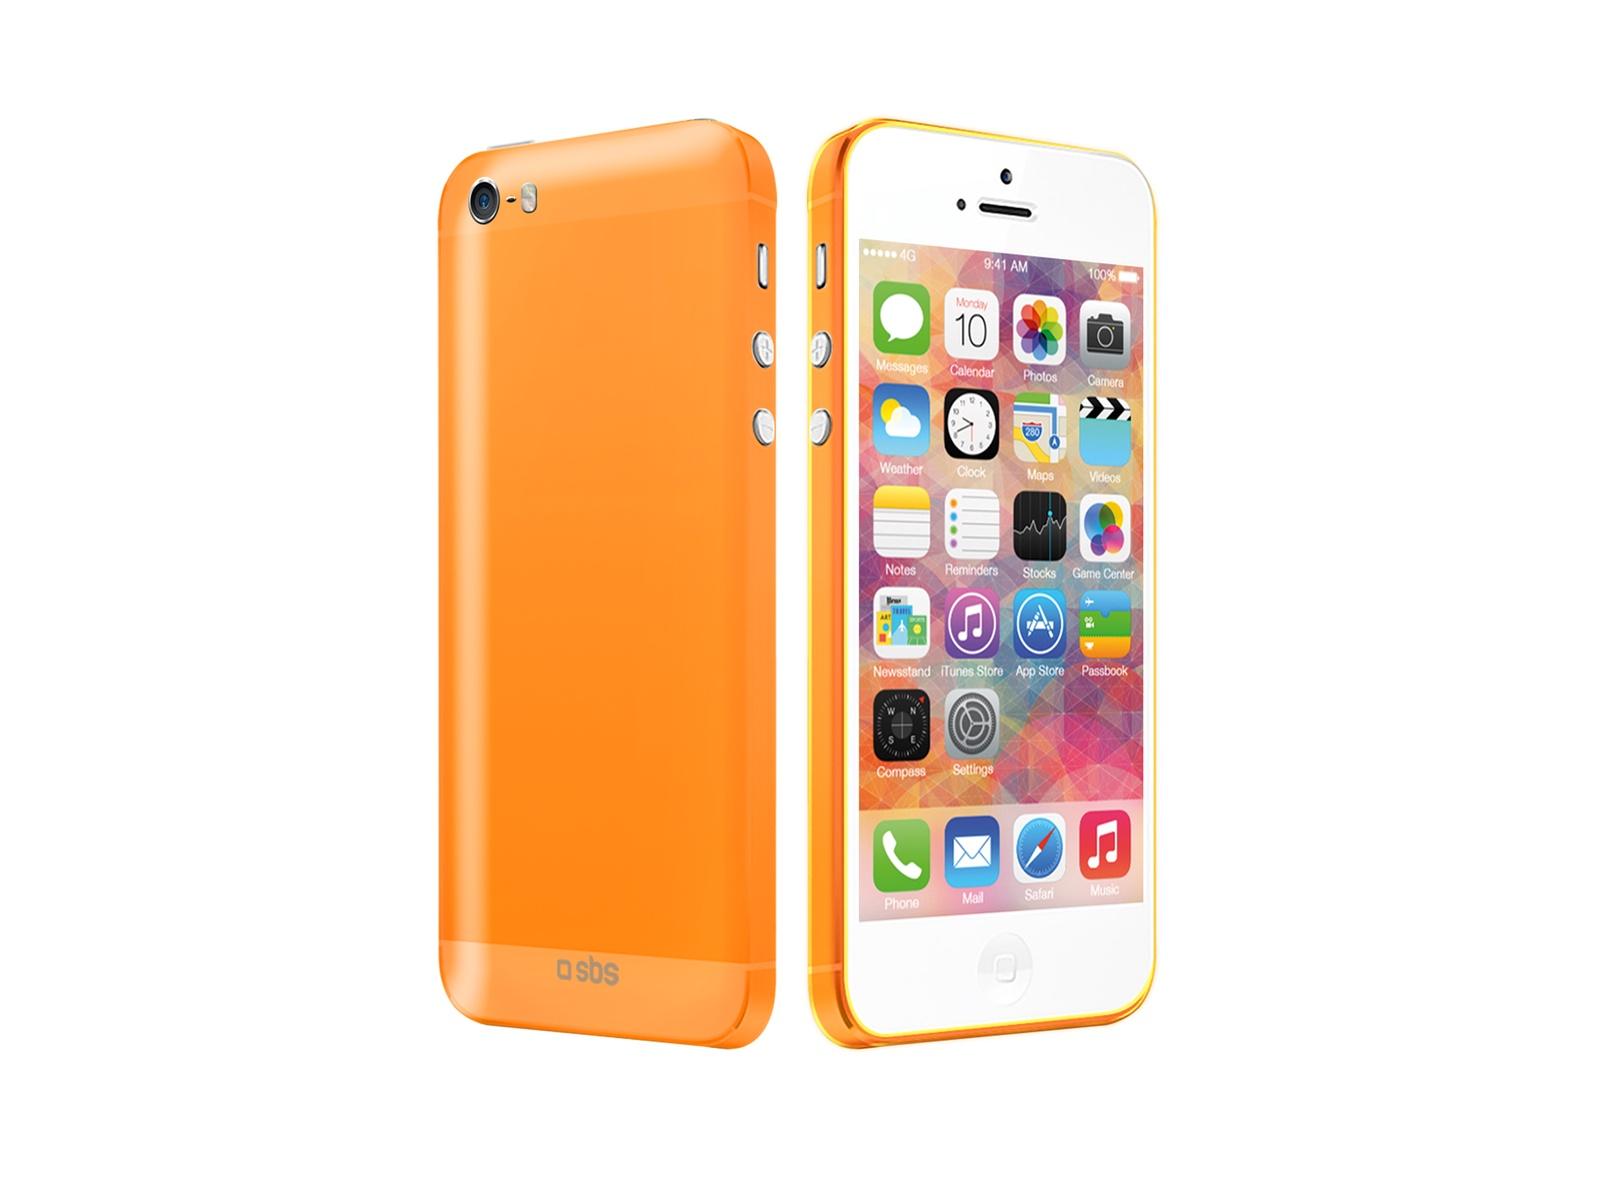 Чехол SBS для iPhone 5 (флуоресцентный, оранжевый) jd коллекция флуоресцентный оранжевый женщина 36